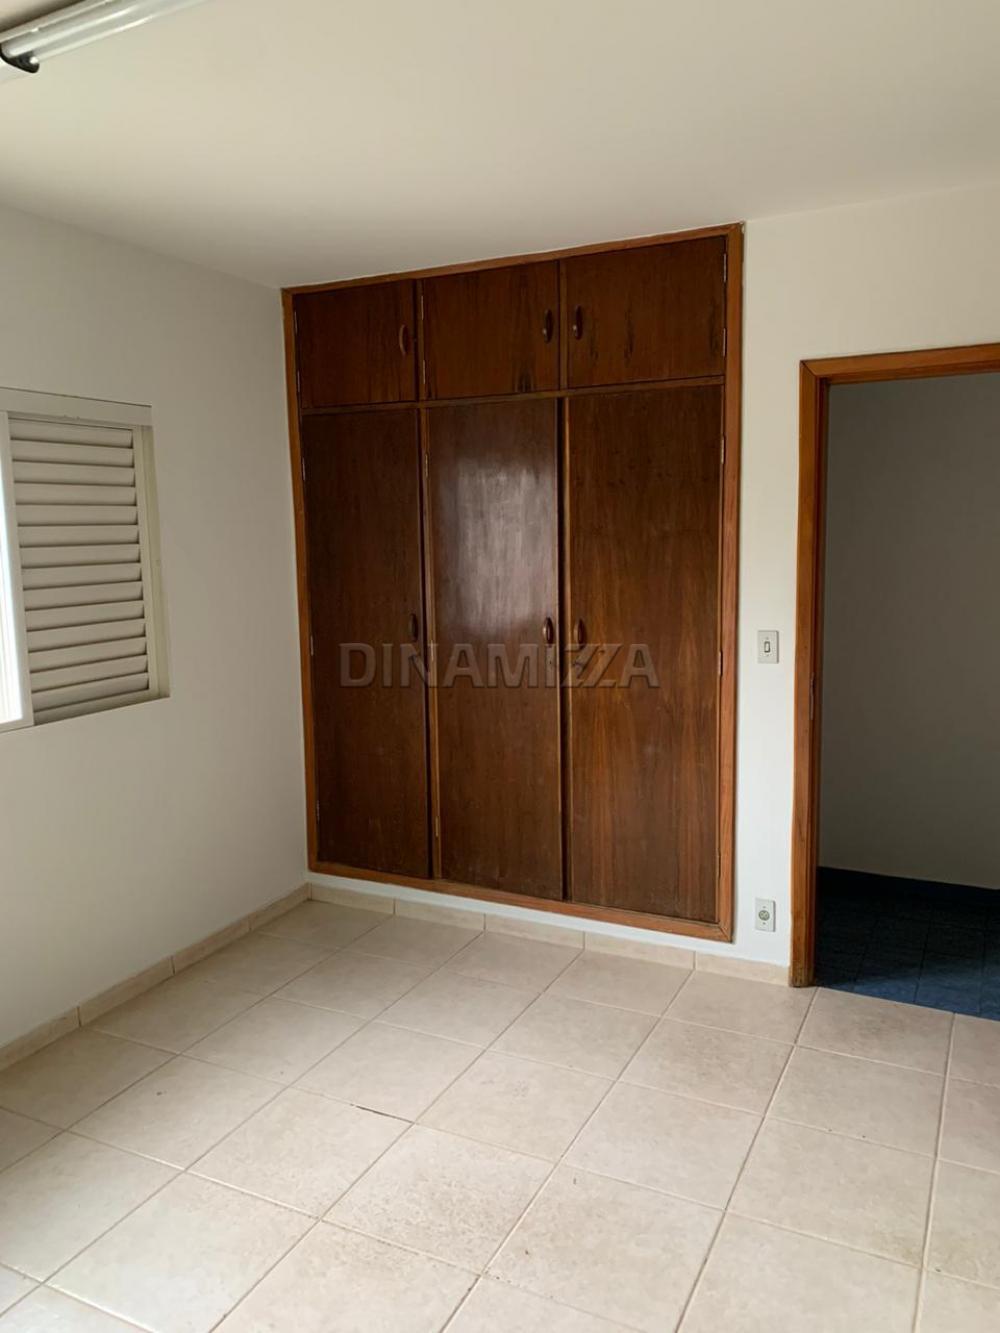 Alugar Casa / Padrão em Uberaba R$ 2.800,00 - Foto 11